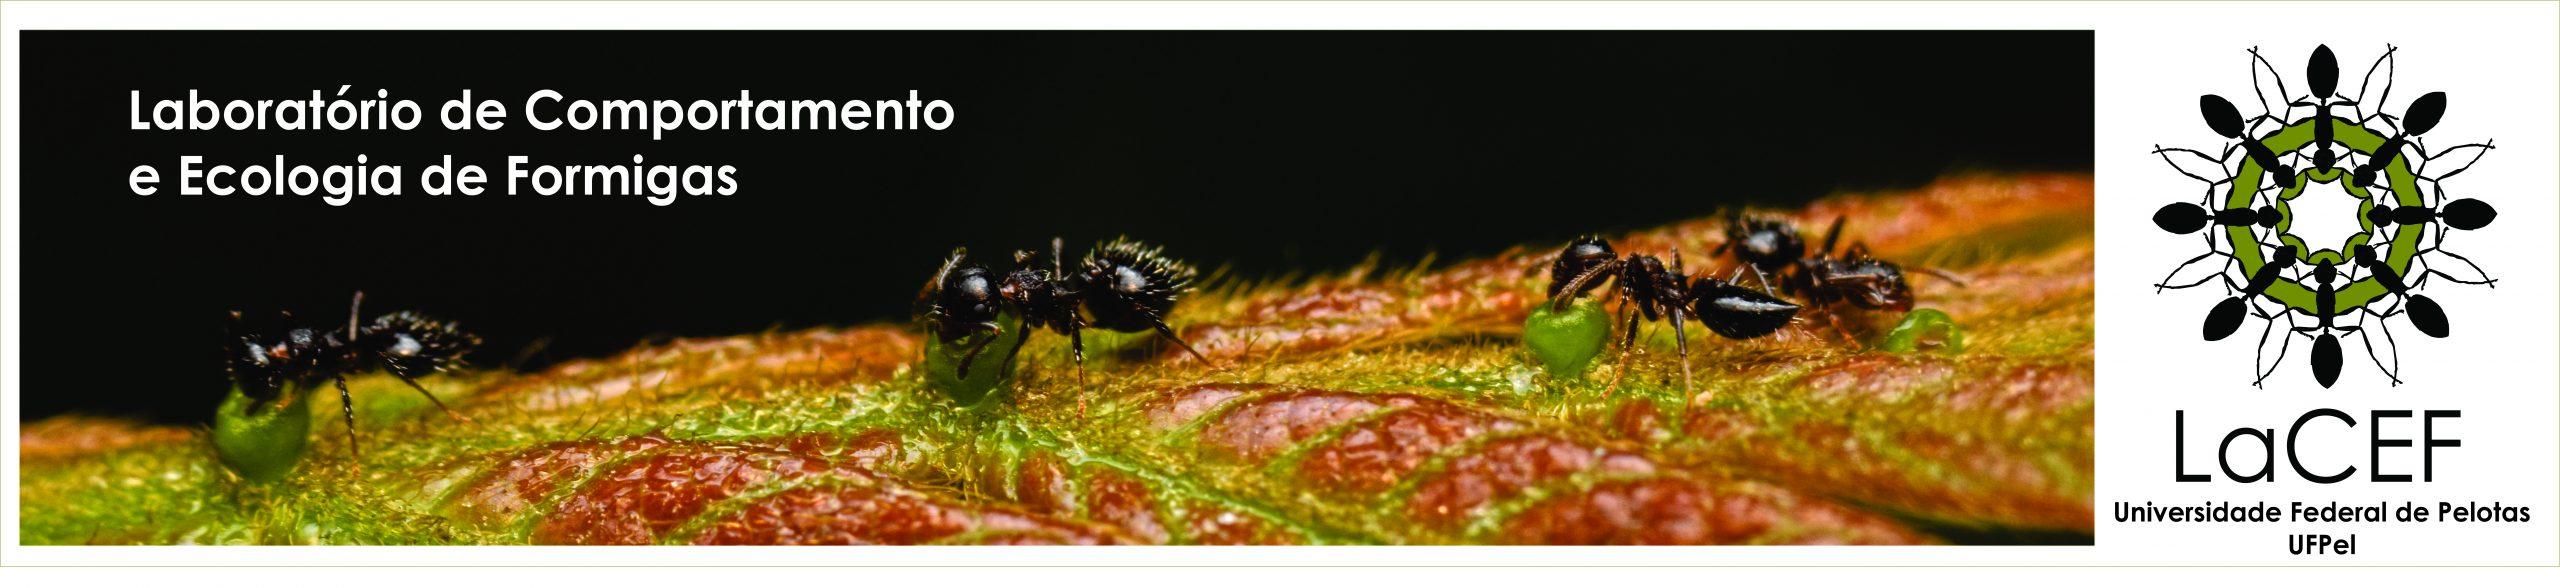 Logo Laboratório de Comportamento e Ecologia de Formigas - LACEF